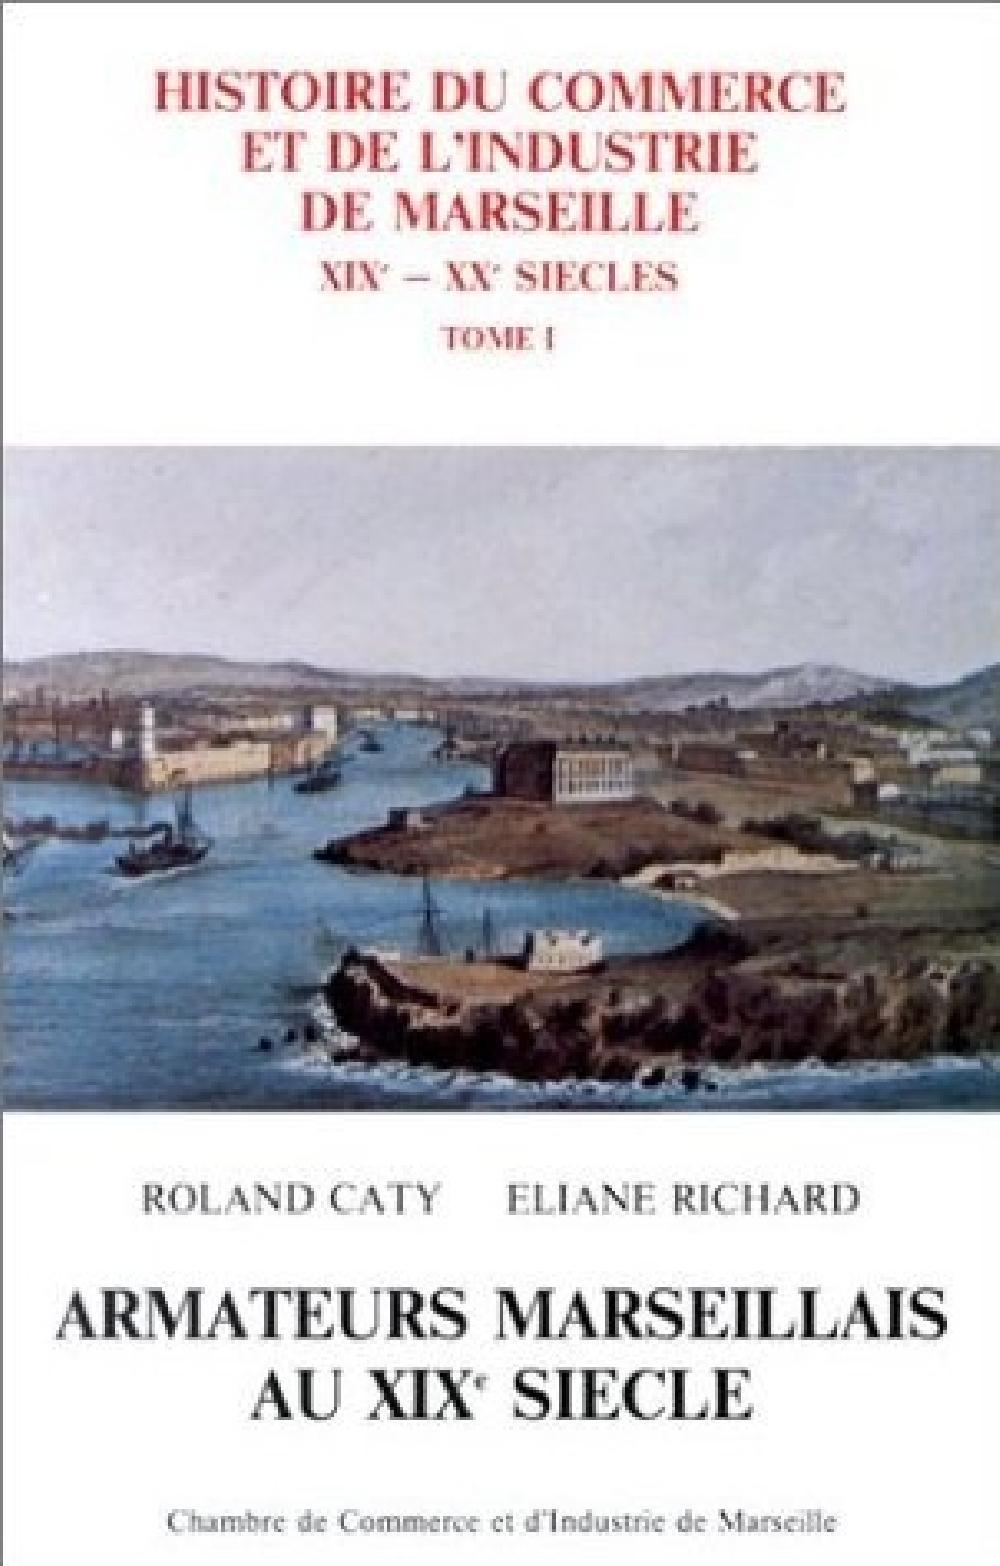 Histoire du commerce et de l'industrie de Marseille : Armateurs marseillais au XIXe siècle